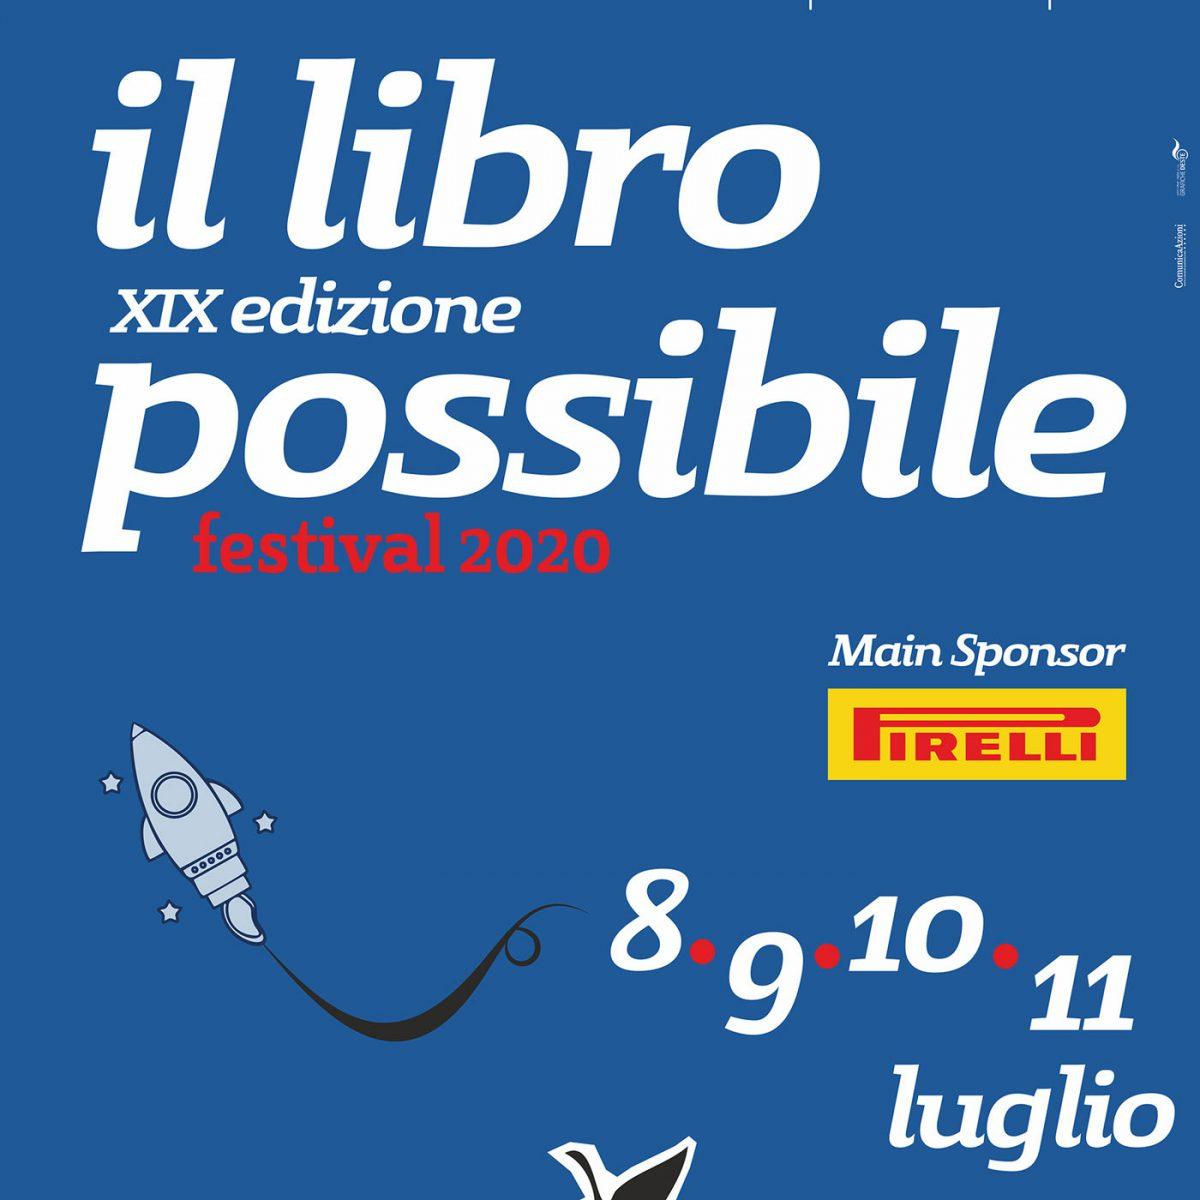 Locandina-Libro-Possibile-2020-1200x1200.jpg